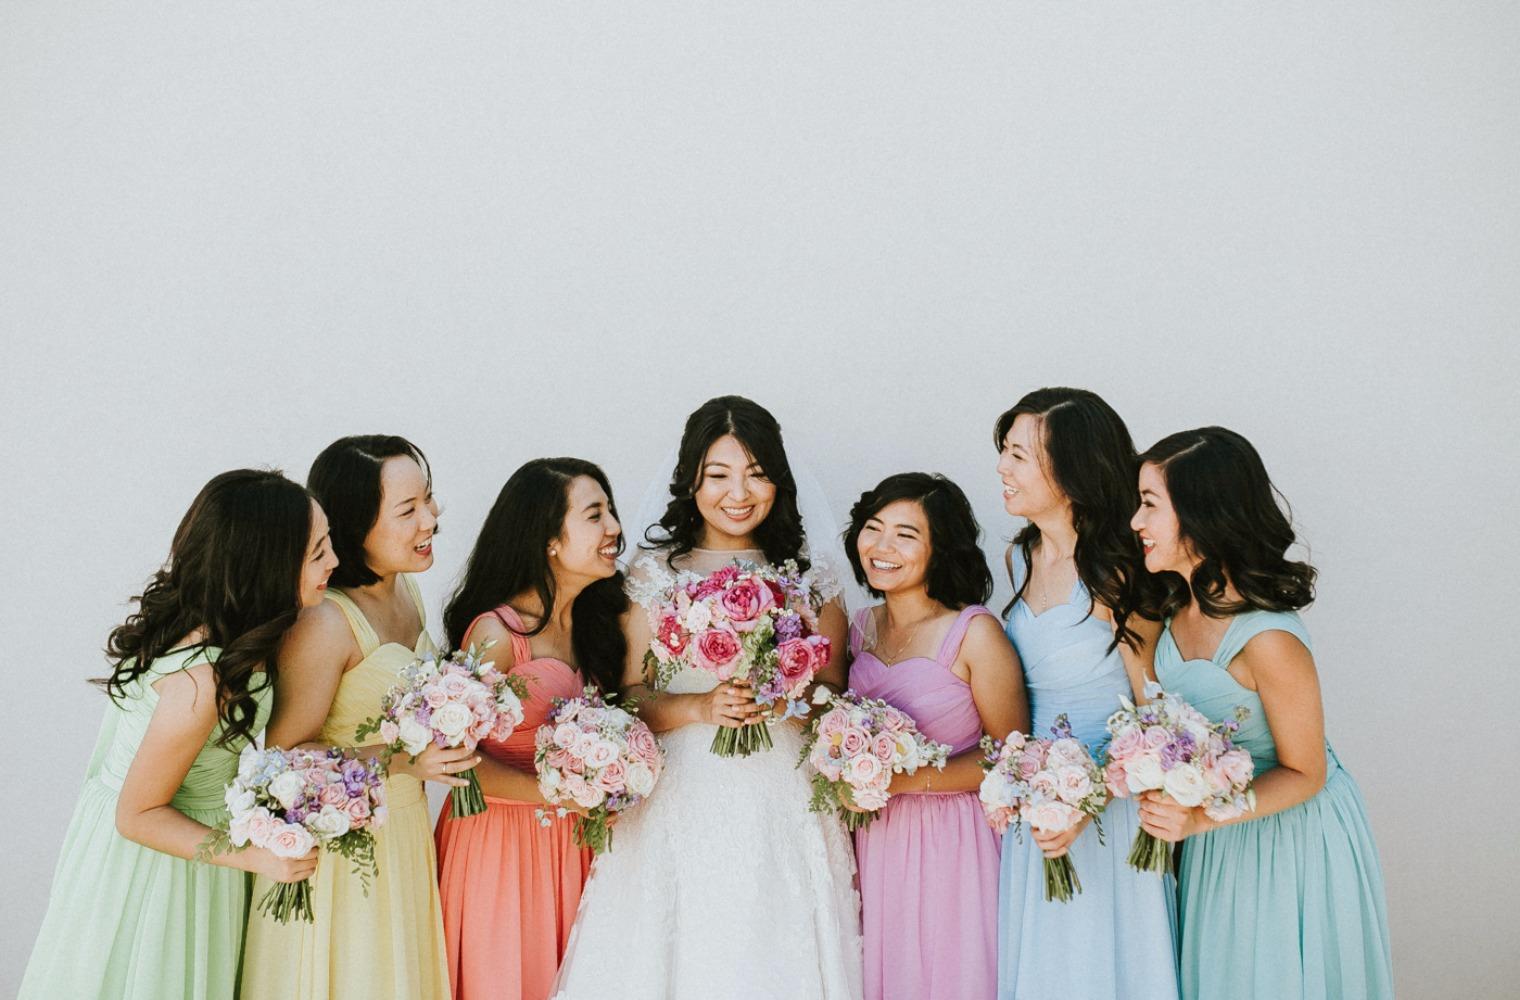 Photo by  With Love by Georgie  | via  Wedding Chicks